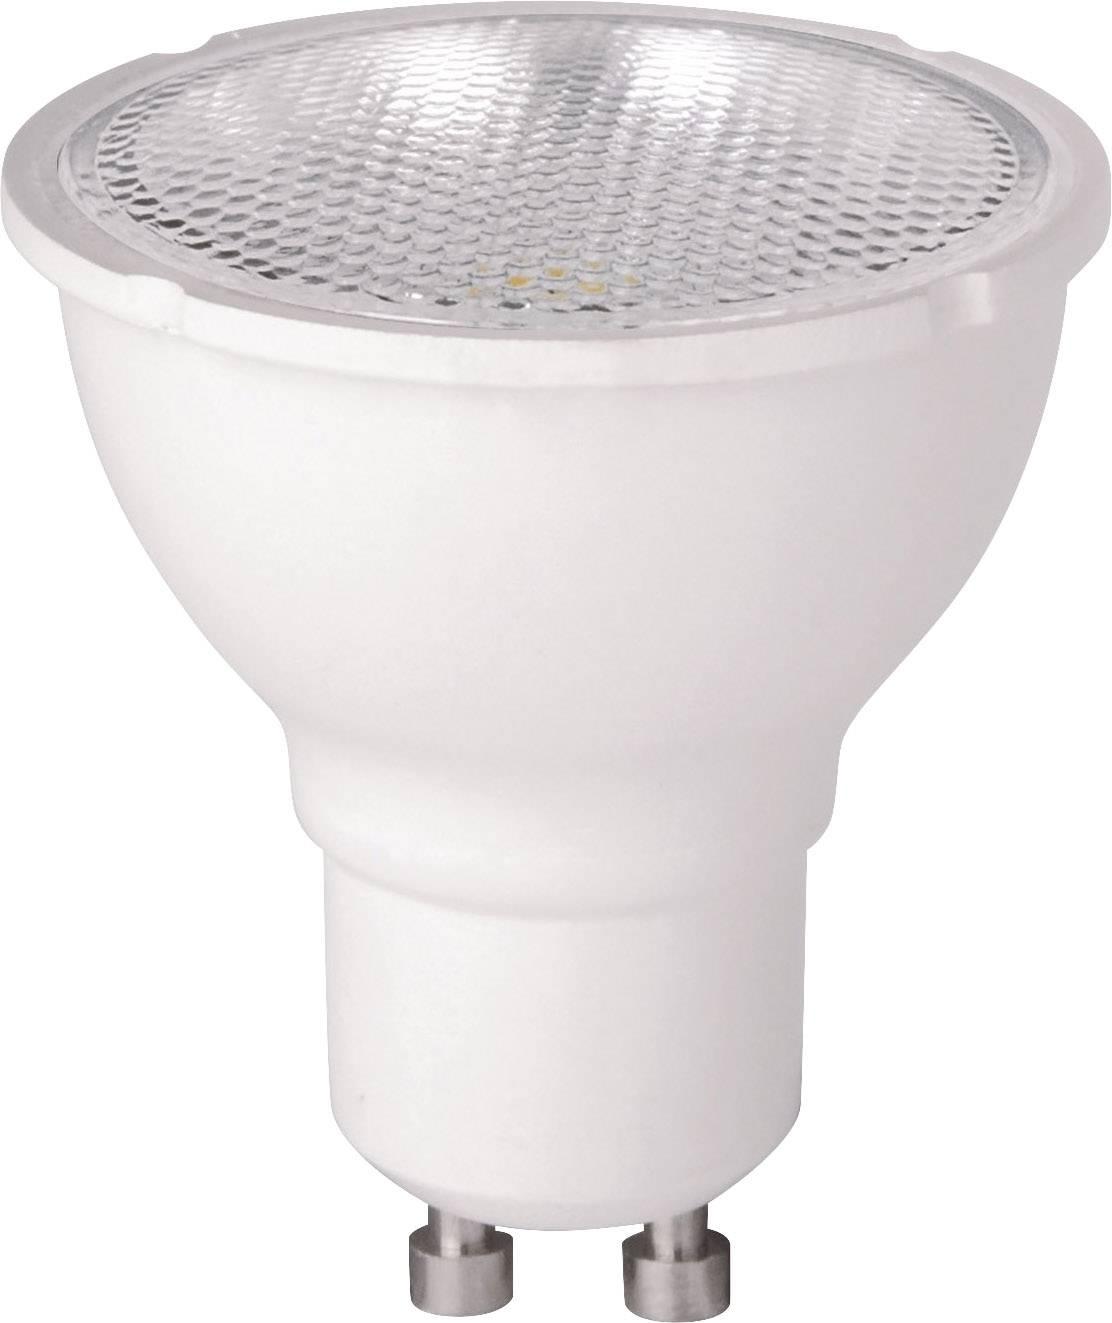 LED žiarovka Megaman MM26302 230 V, 4 W = 31 W, teplá biela, A+, 1 ks